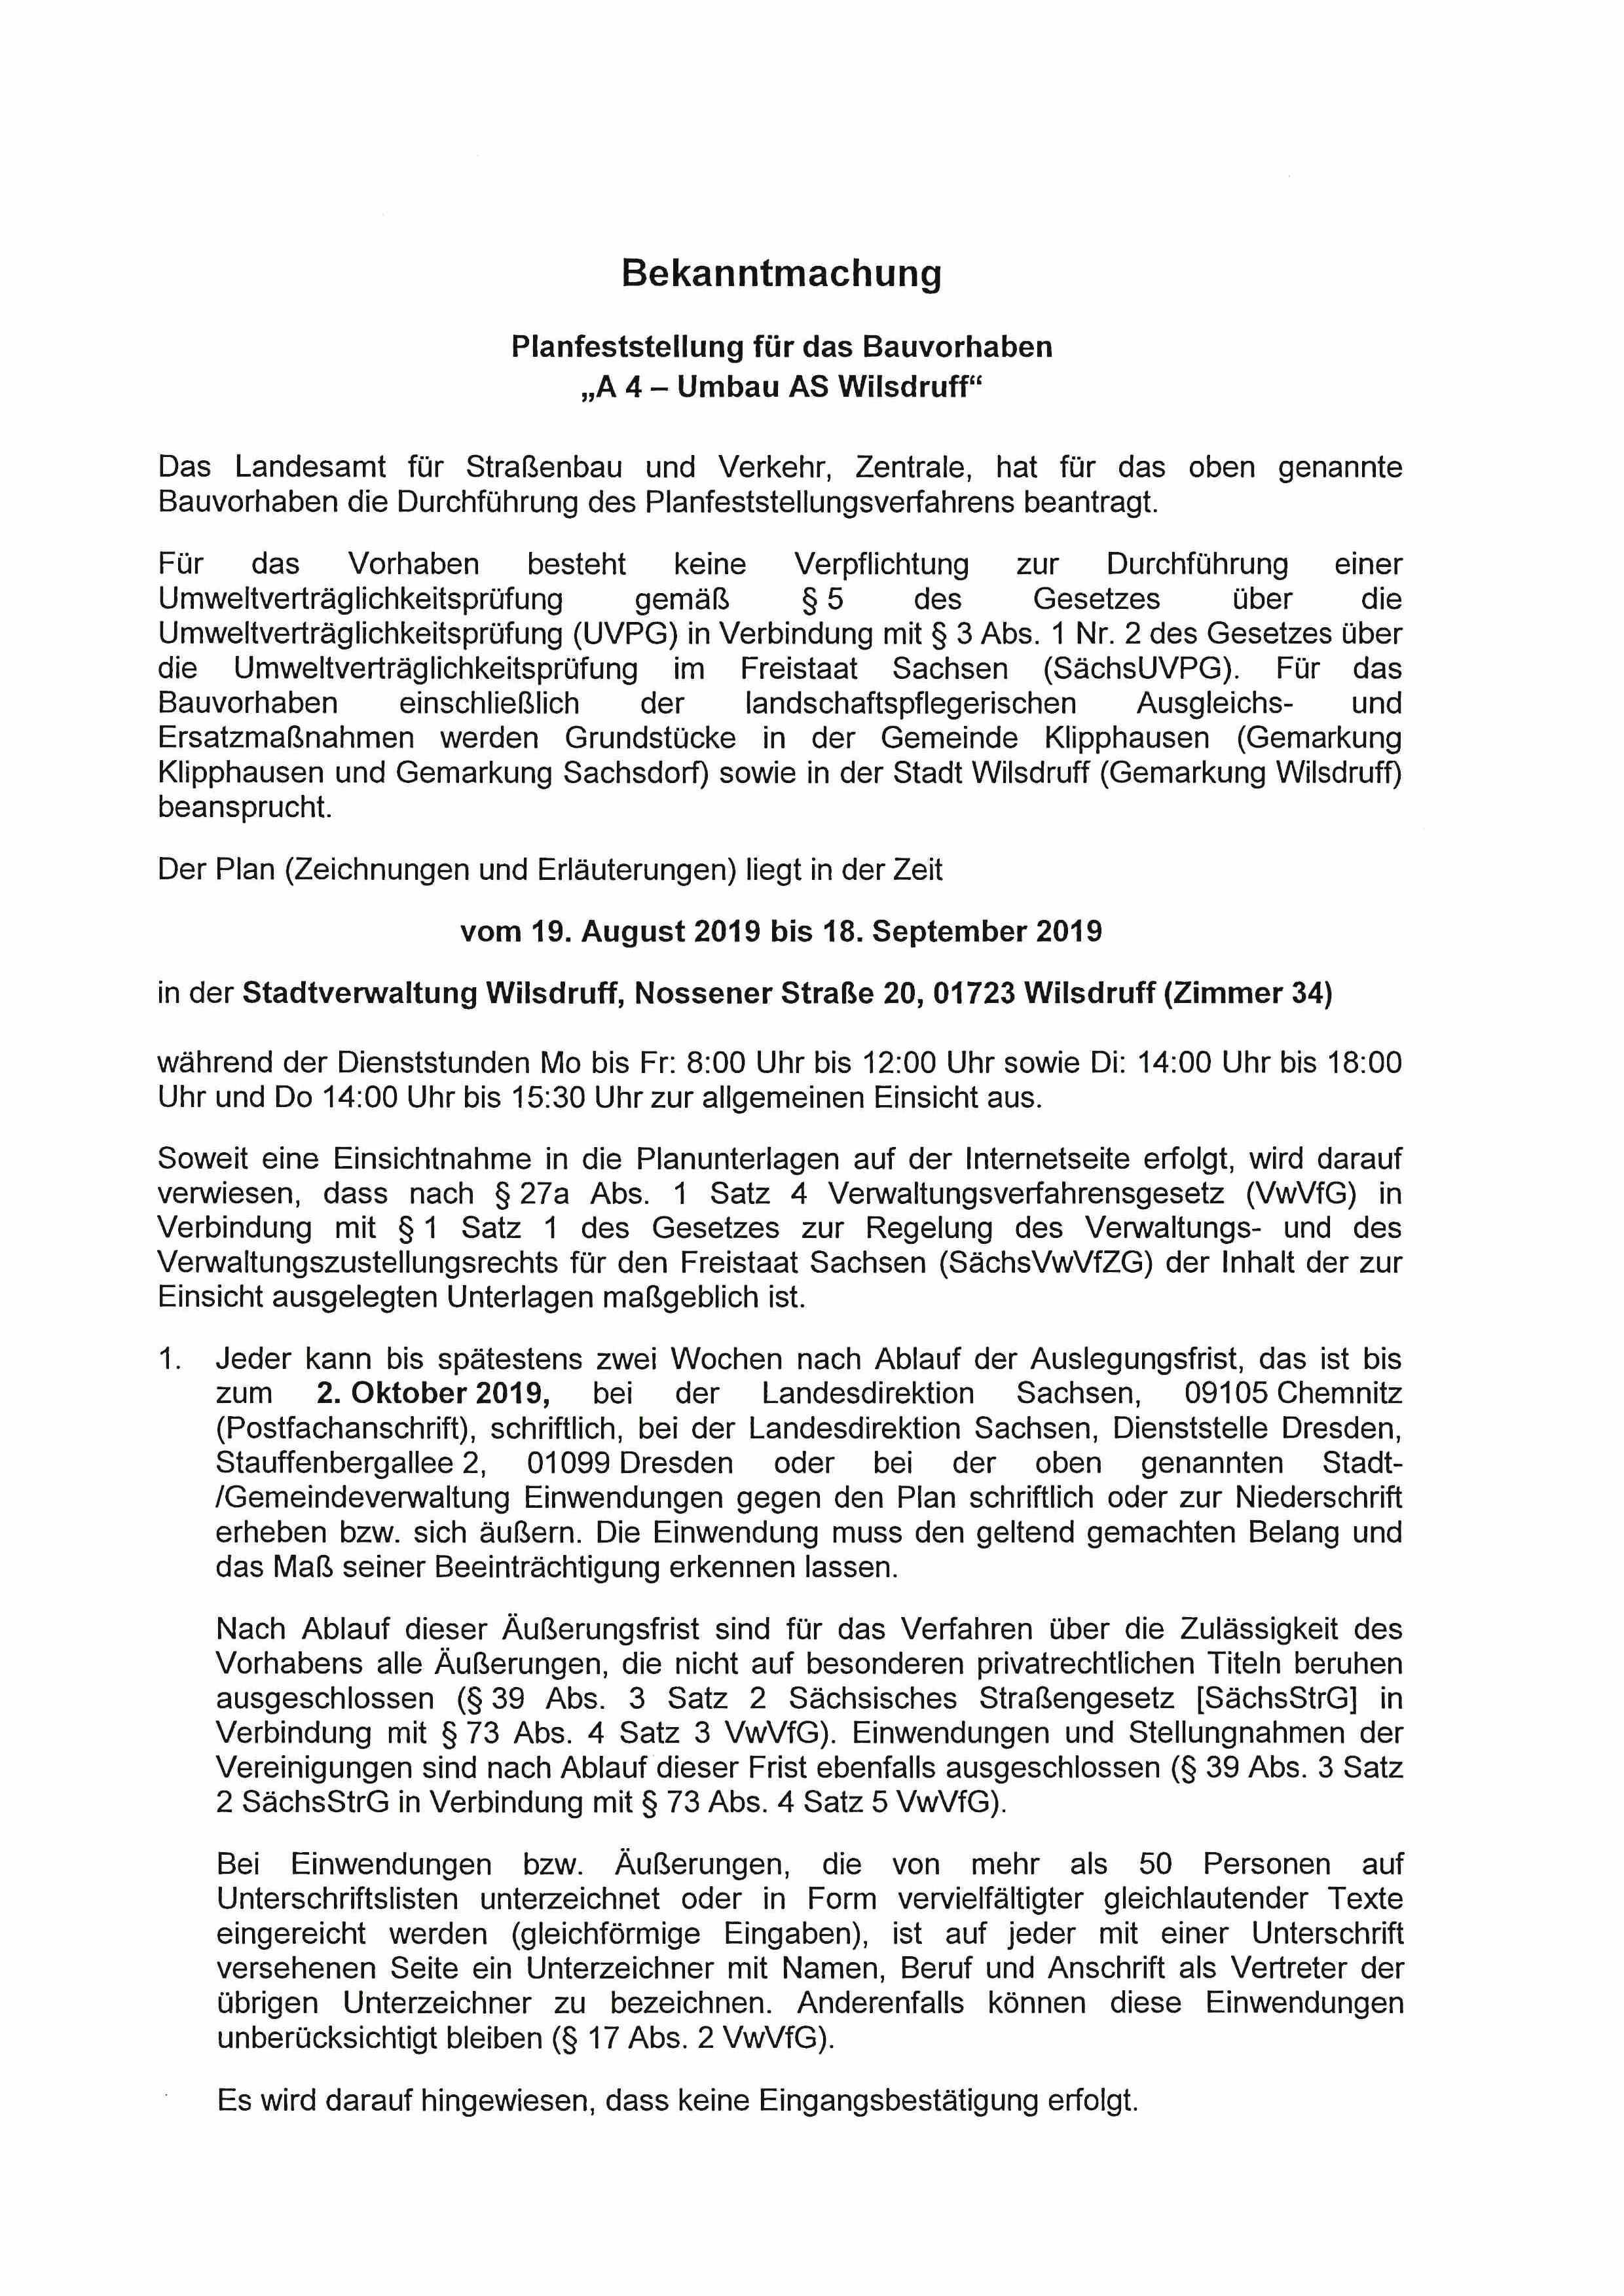 Bekanntmachung_Planfeststellung_A4-Umbau AS Wilsdruff_Seite_1.jpg